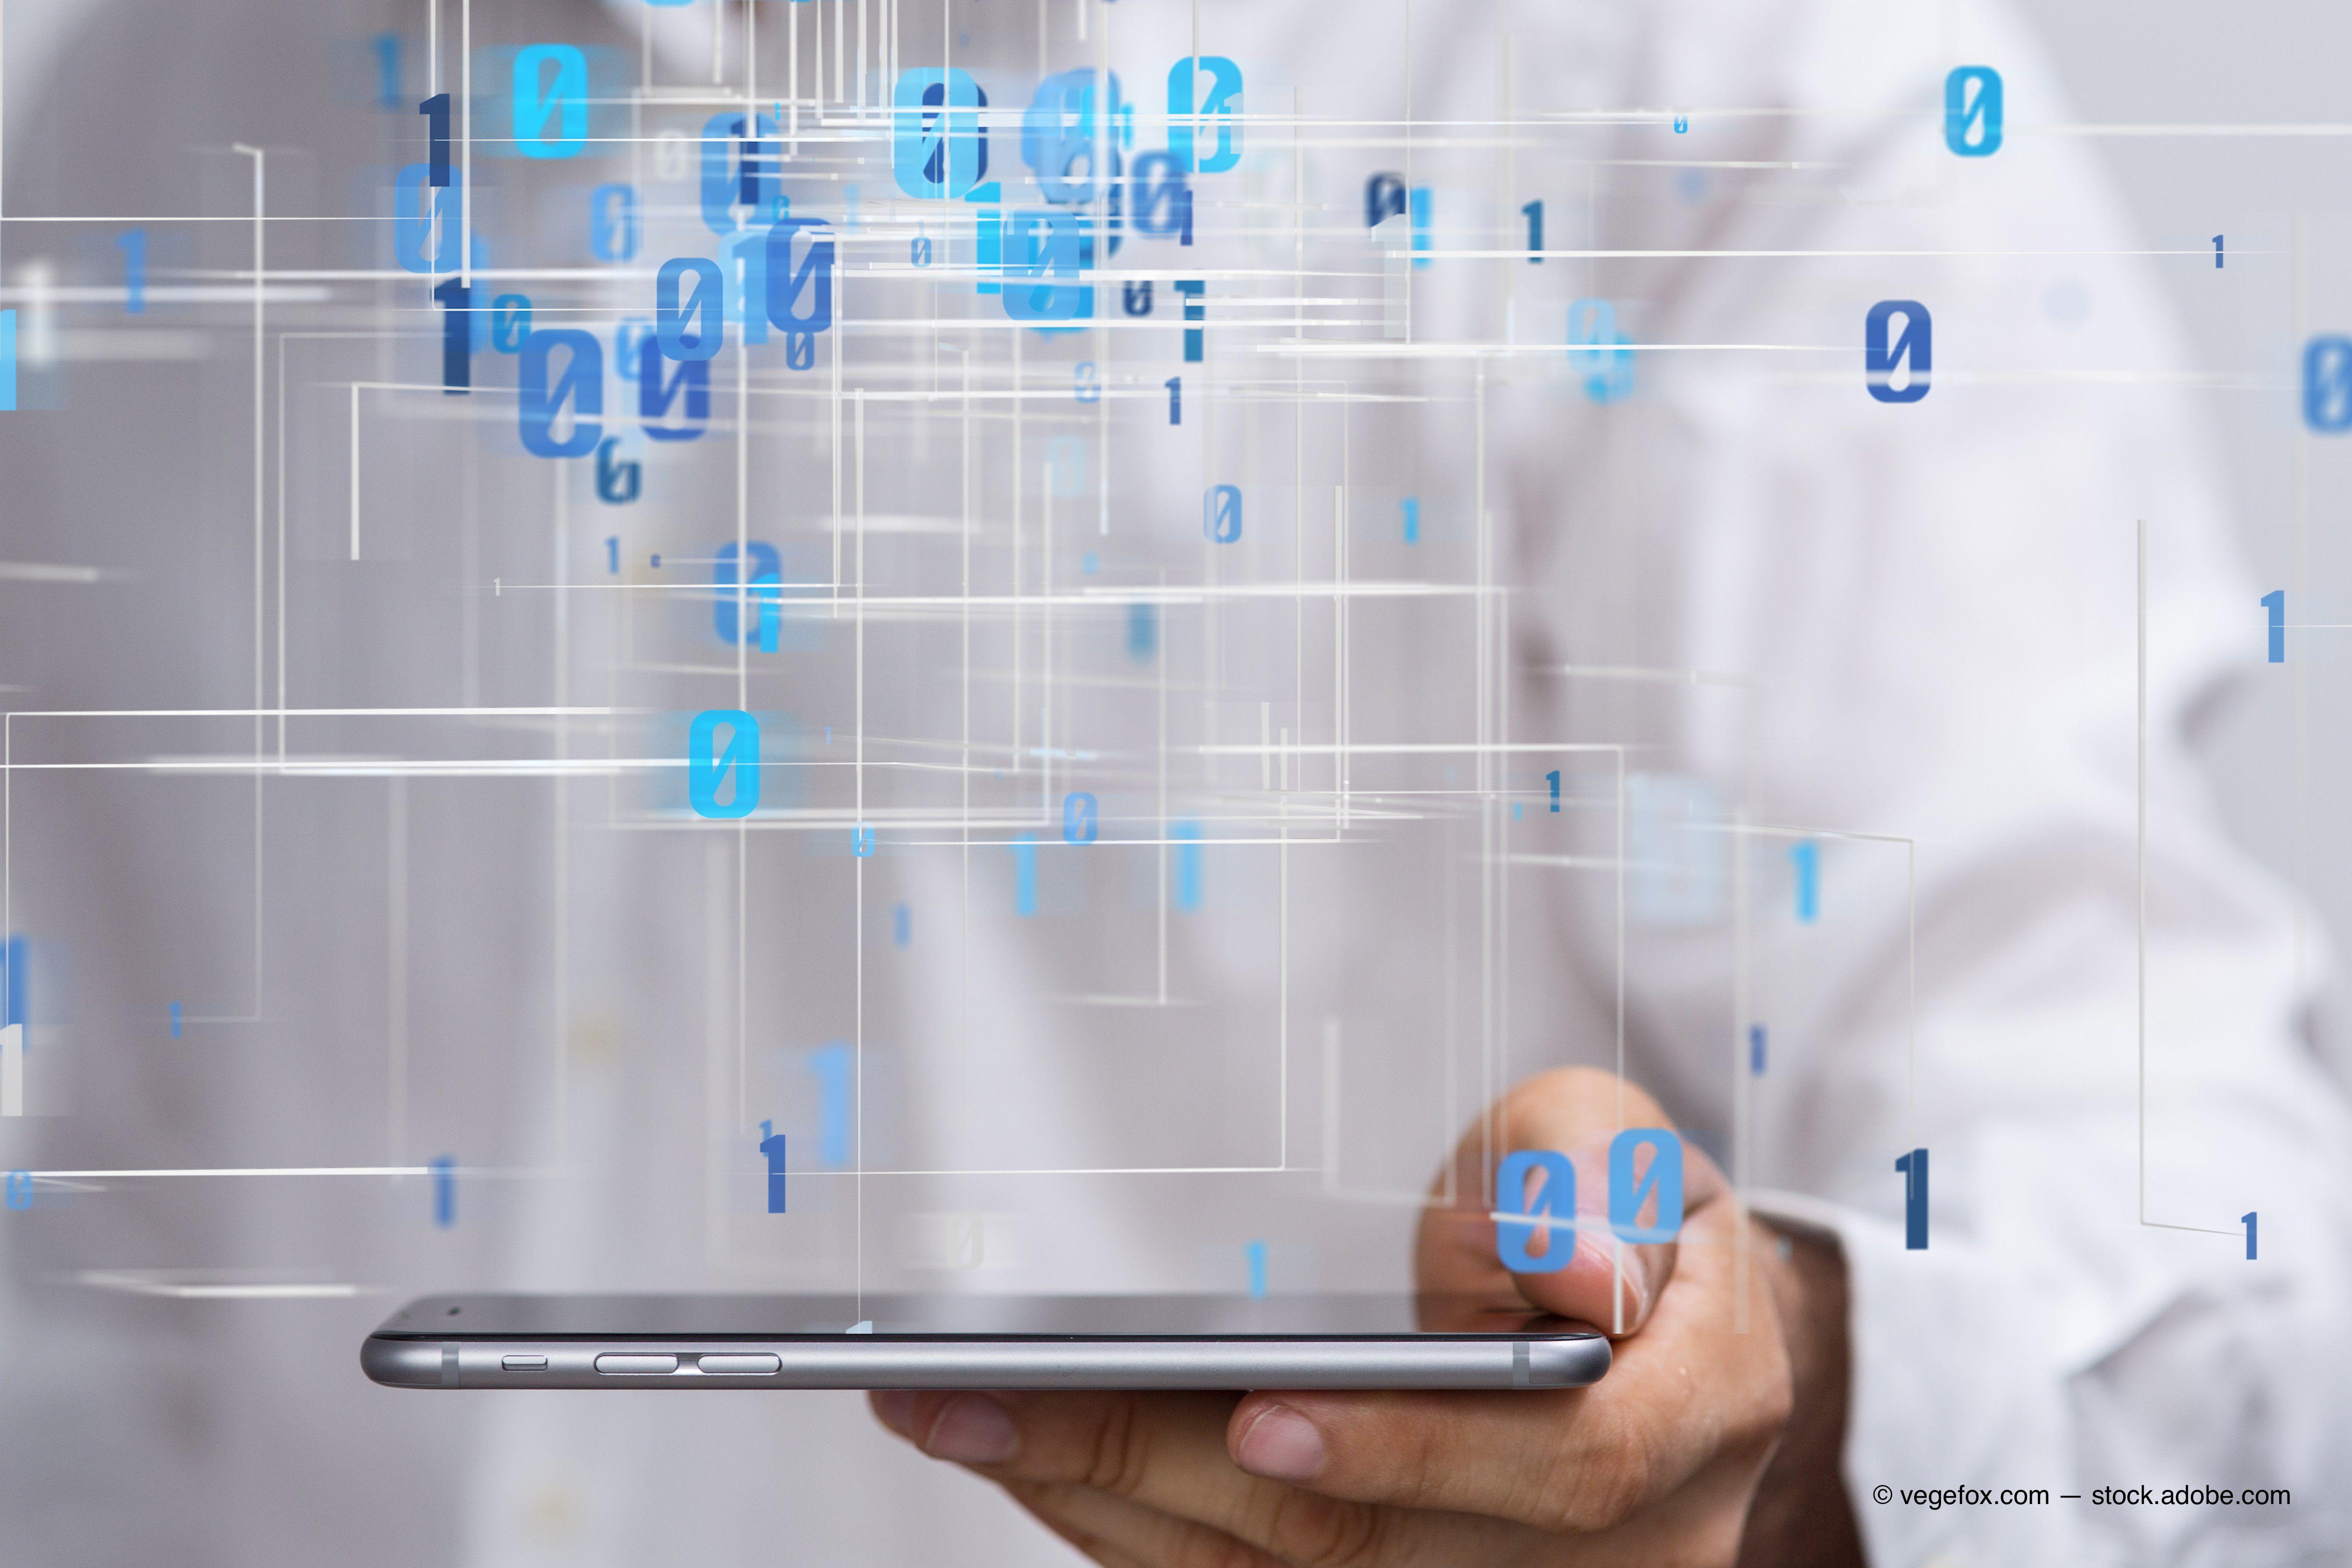 Top E/M tips to boost revenue and mitigate compliance risk